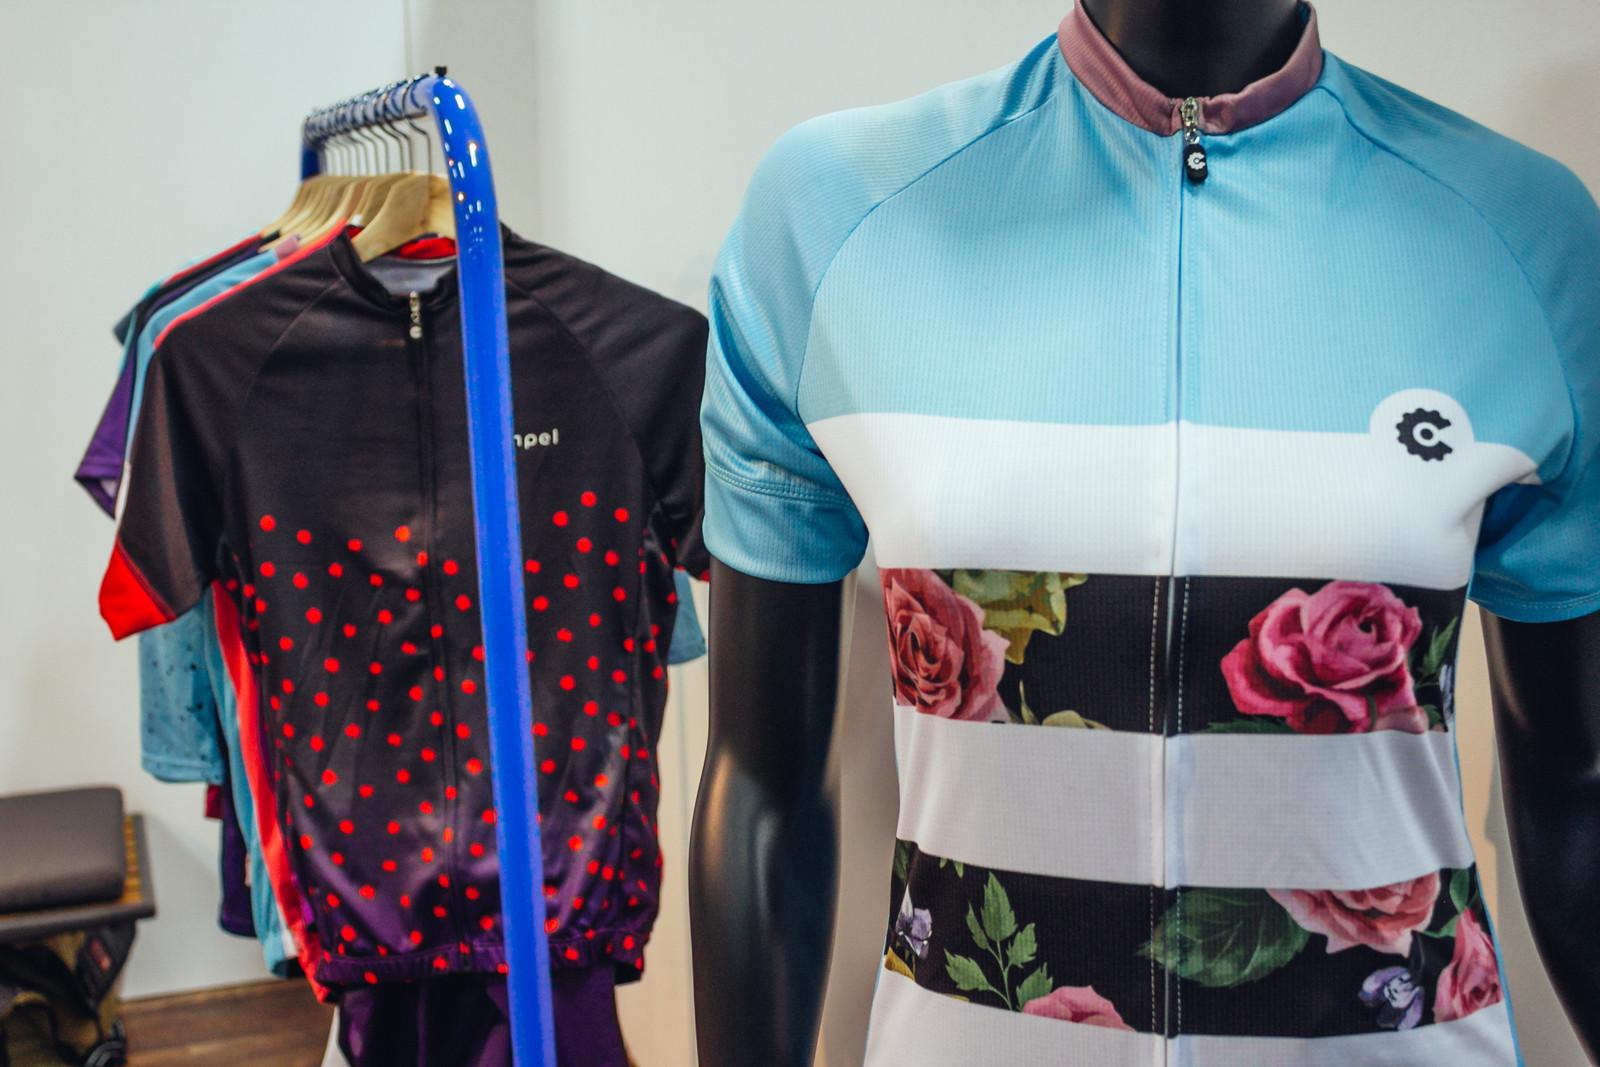 Compel Women's Jerseys - INTERBIKE - 2017 Women's Mountain Bike Gear - Mountain Biking Pictures - Vital MTB